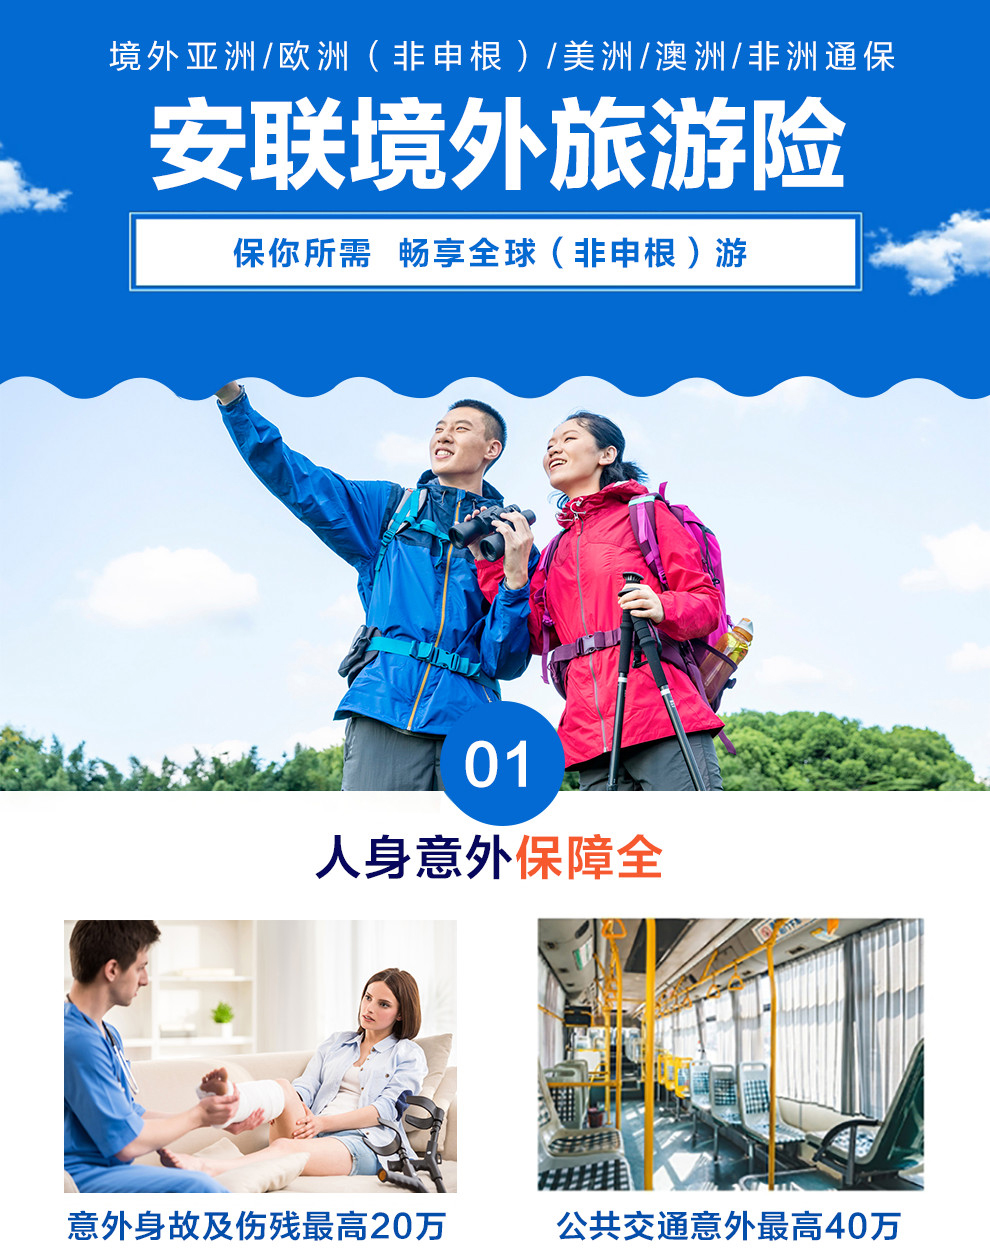 开心保安联境外旅游保险-开心保保险网_01.jpg